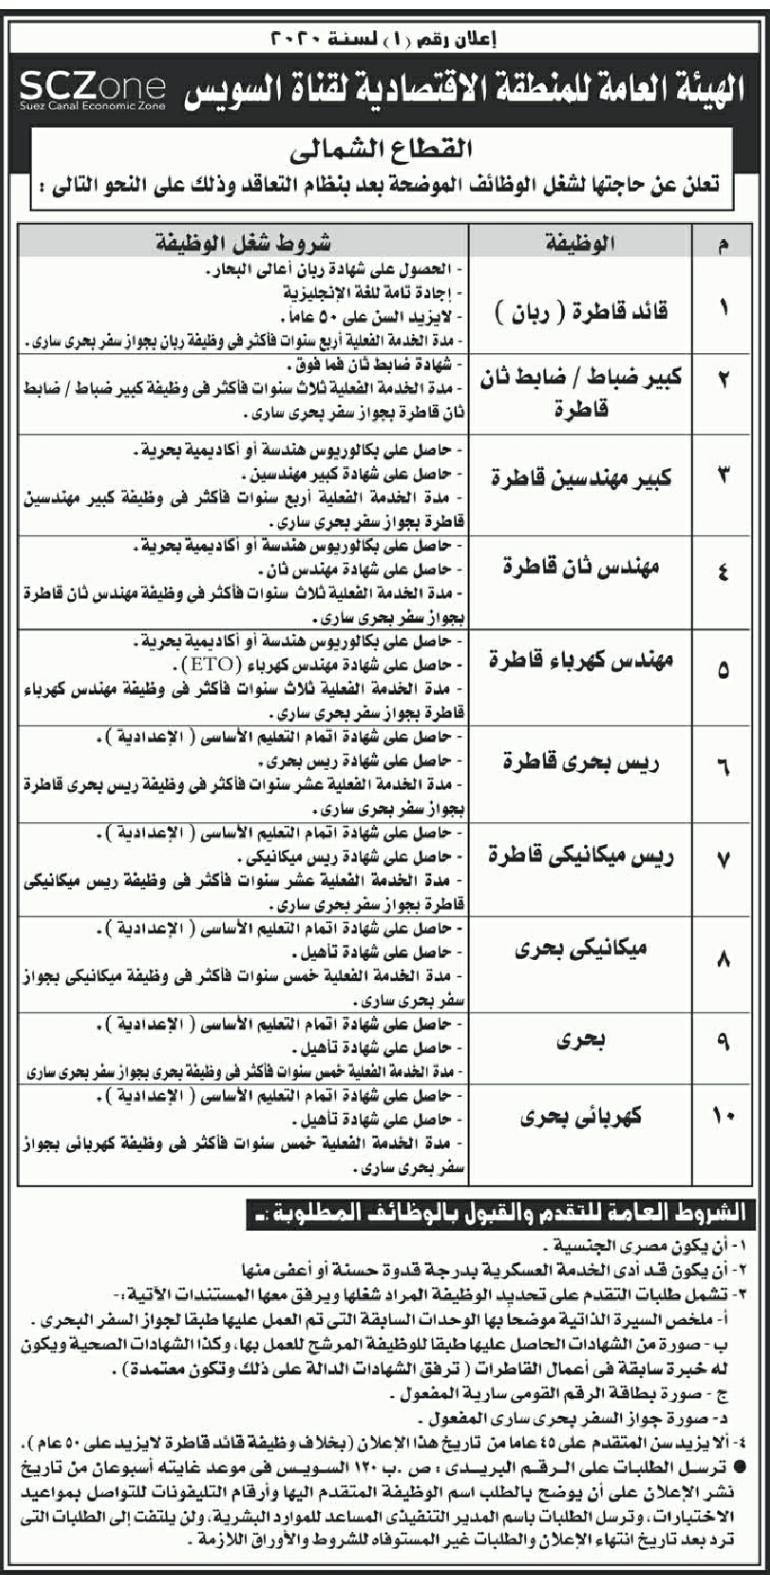 وظائف الأهرام الجمعة 6/3/2020.. جريدة الاهرام المصرية وظائف خالية 5